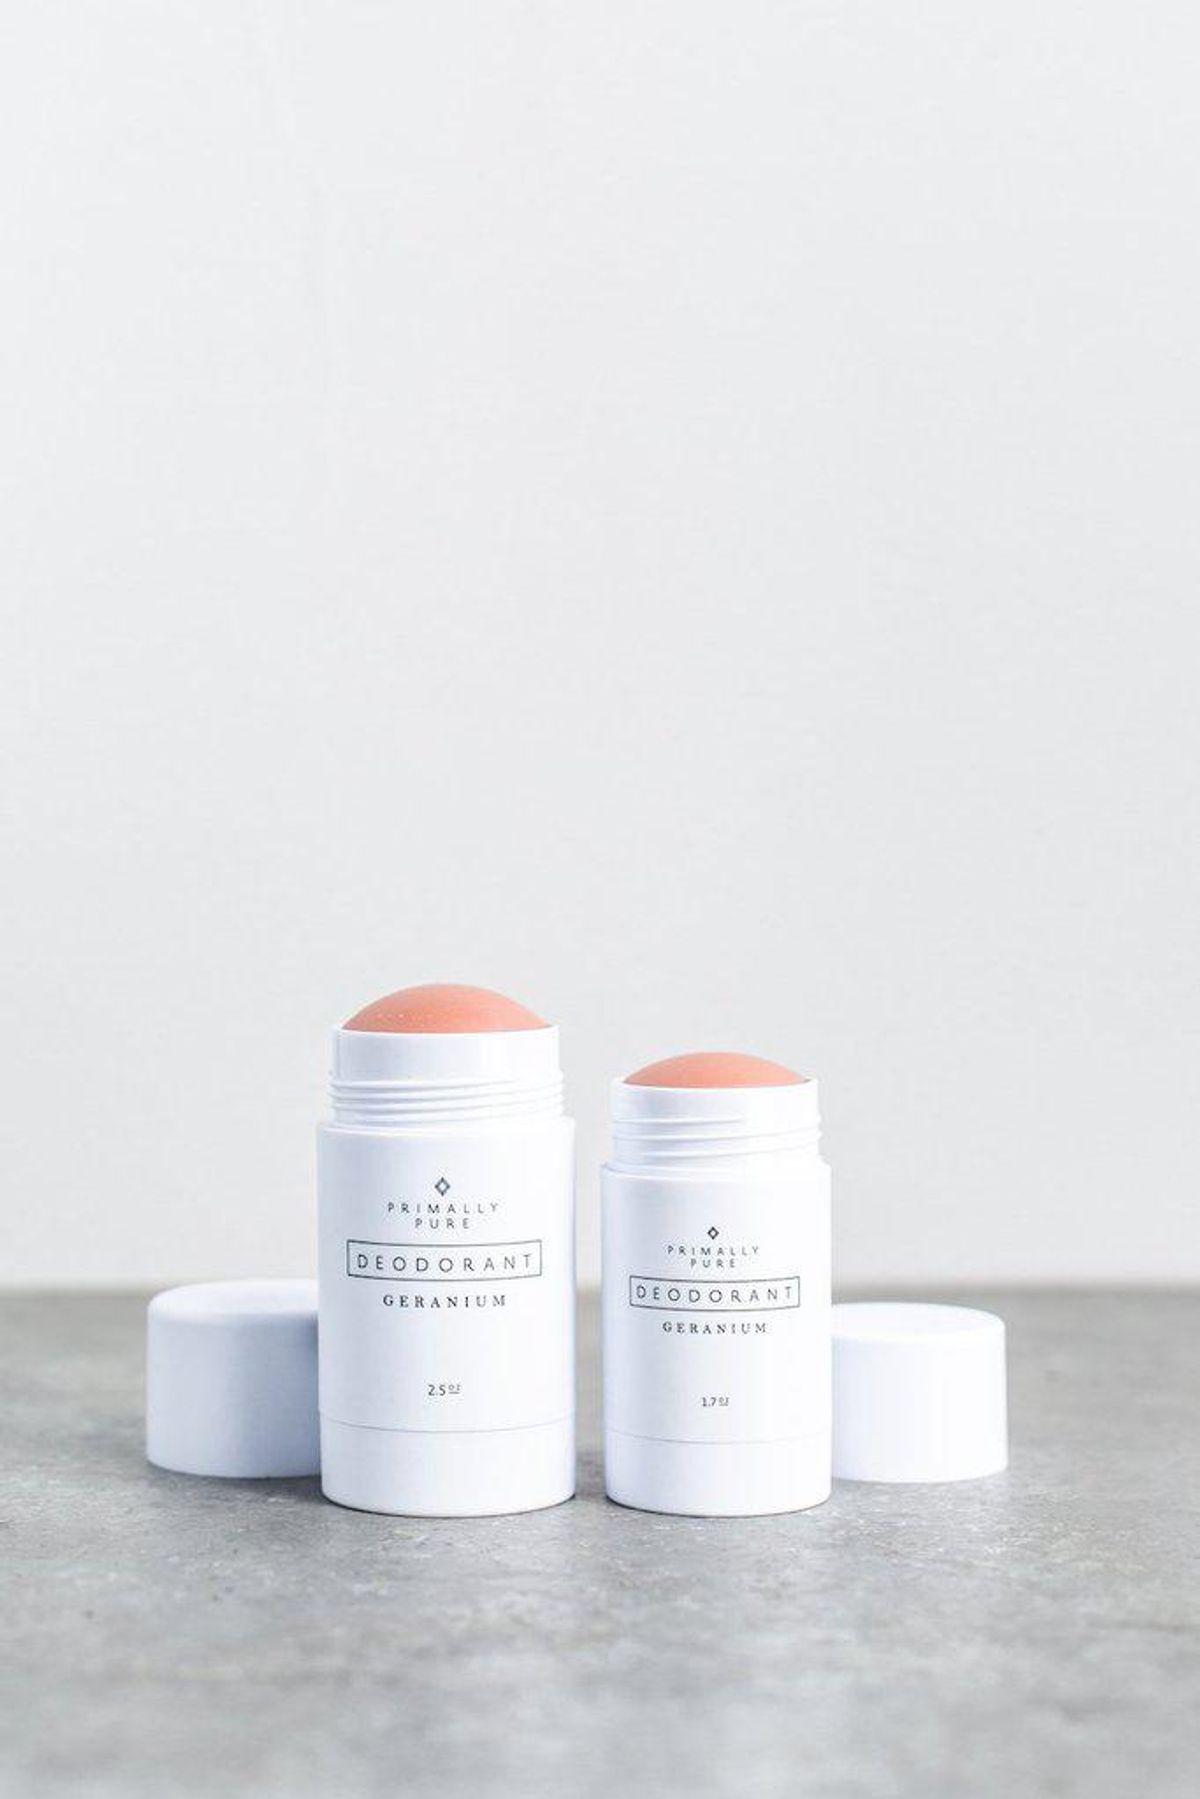 primarily pure geranium deodorant